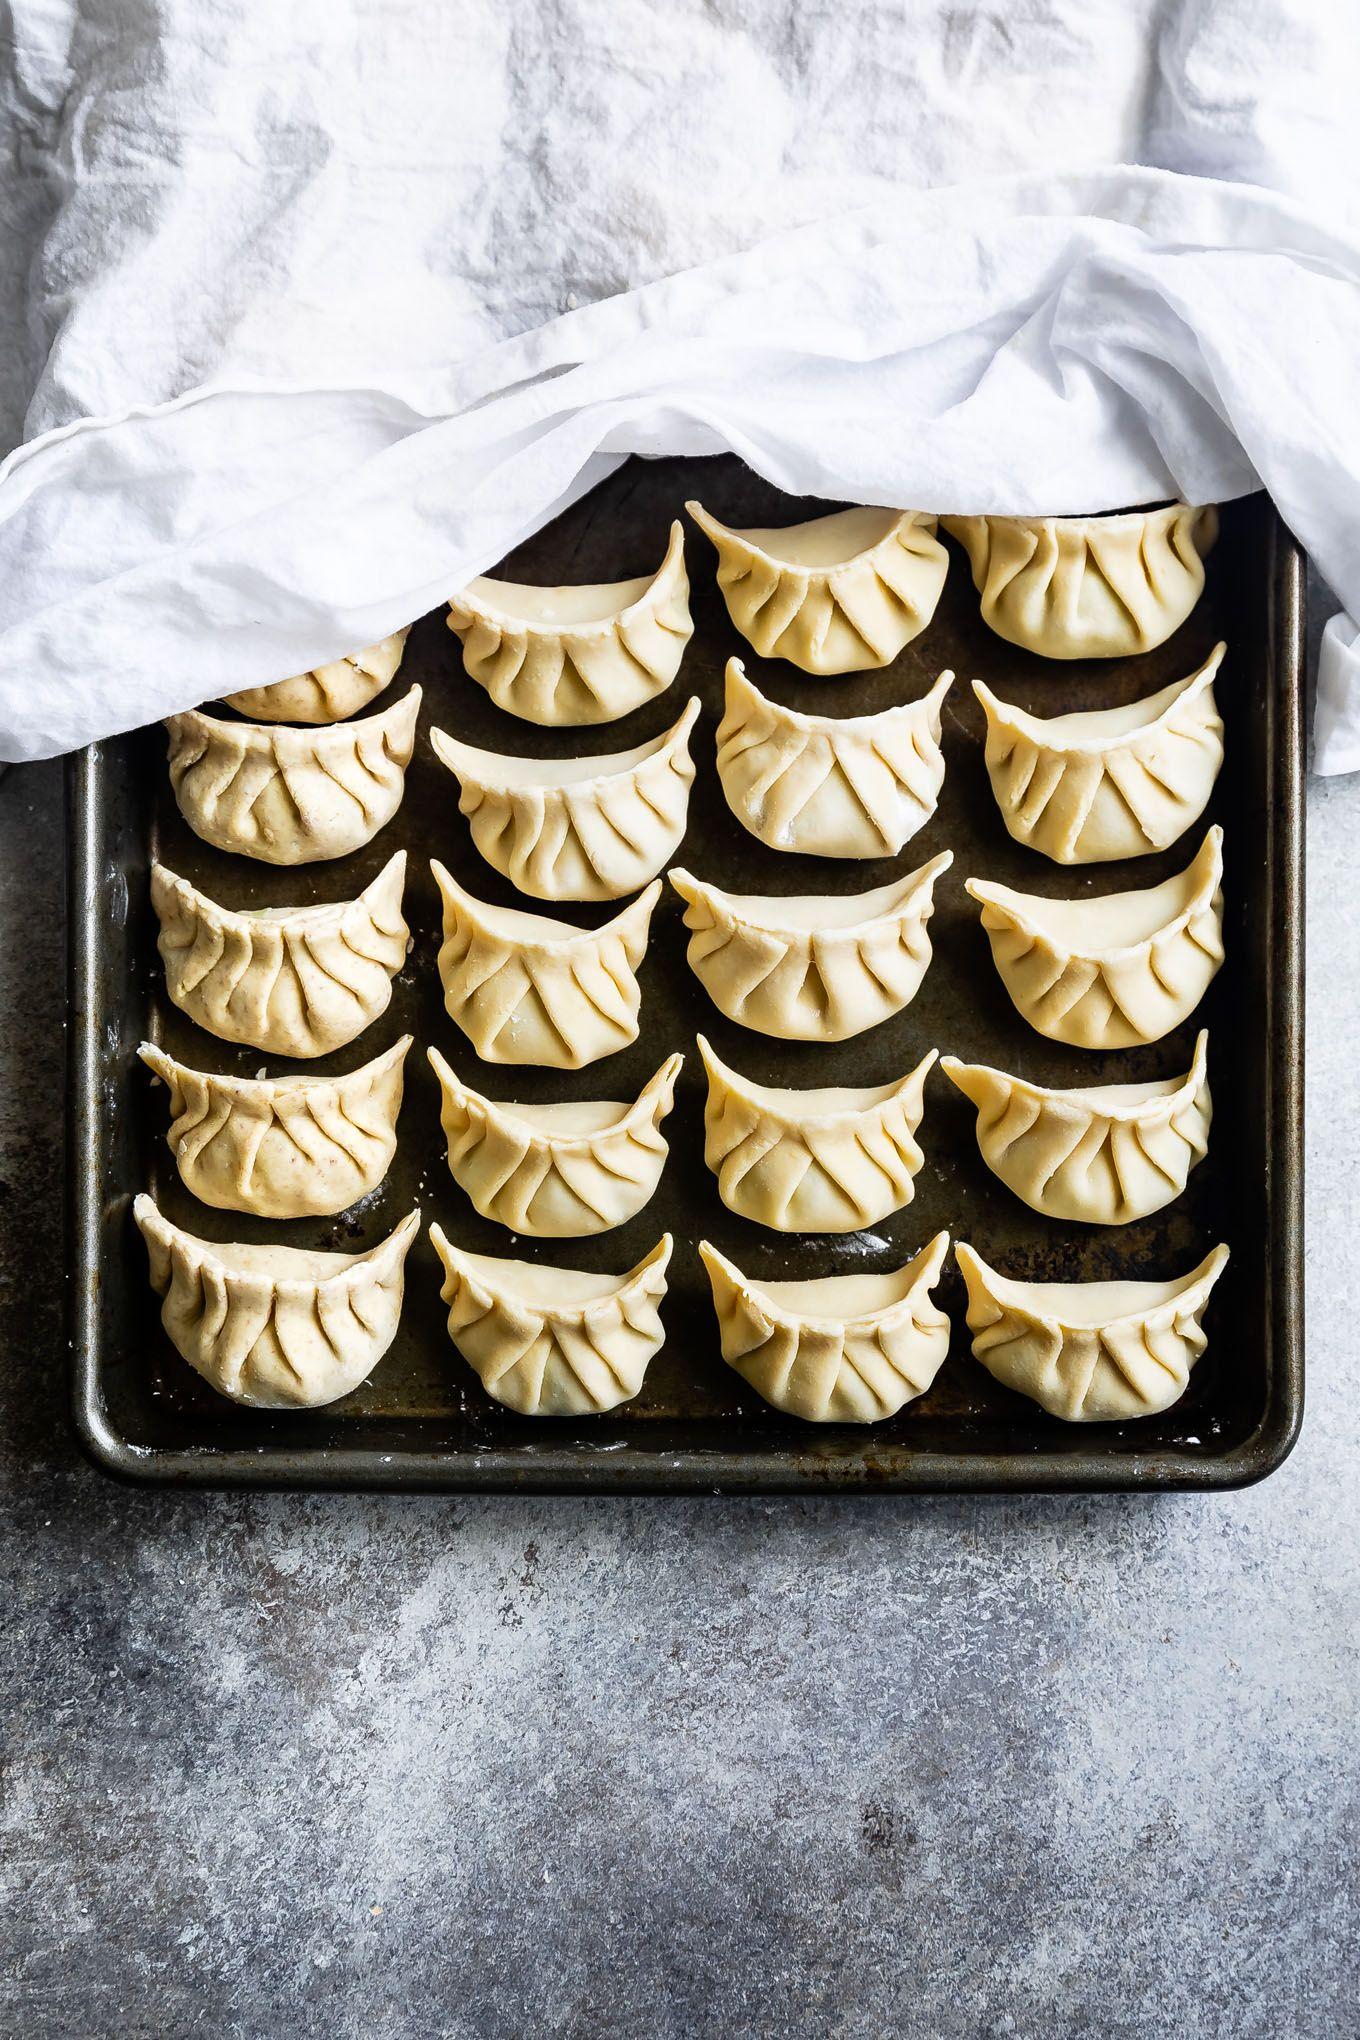 GlutenFree Dumpling Wrappers Recipe in 2020 Gluten